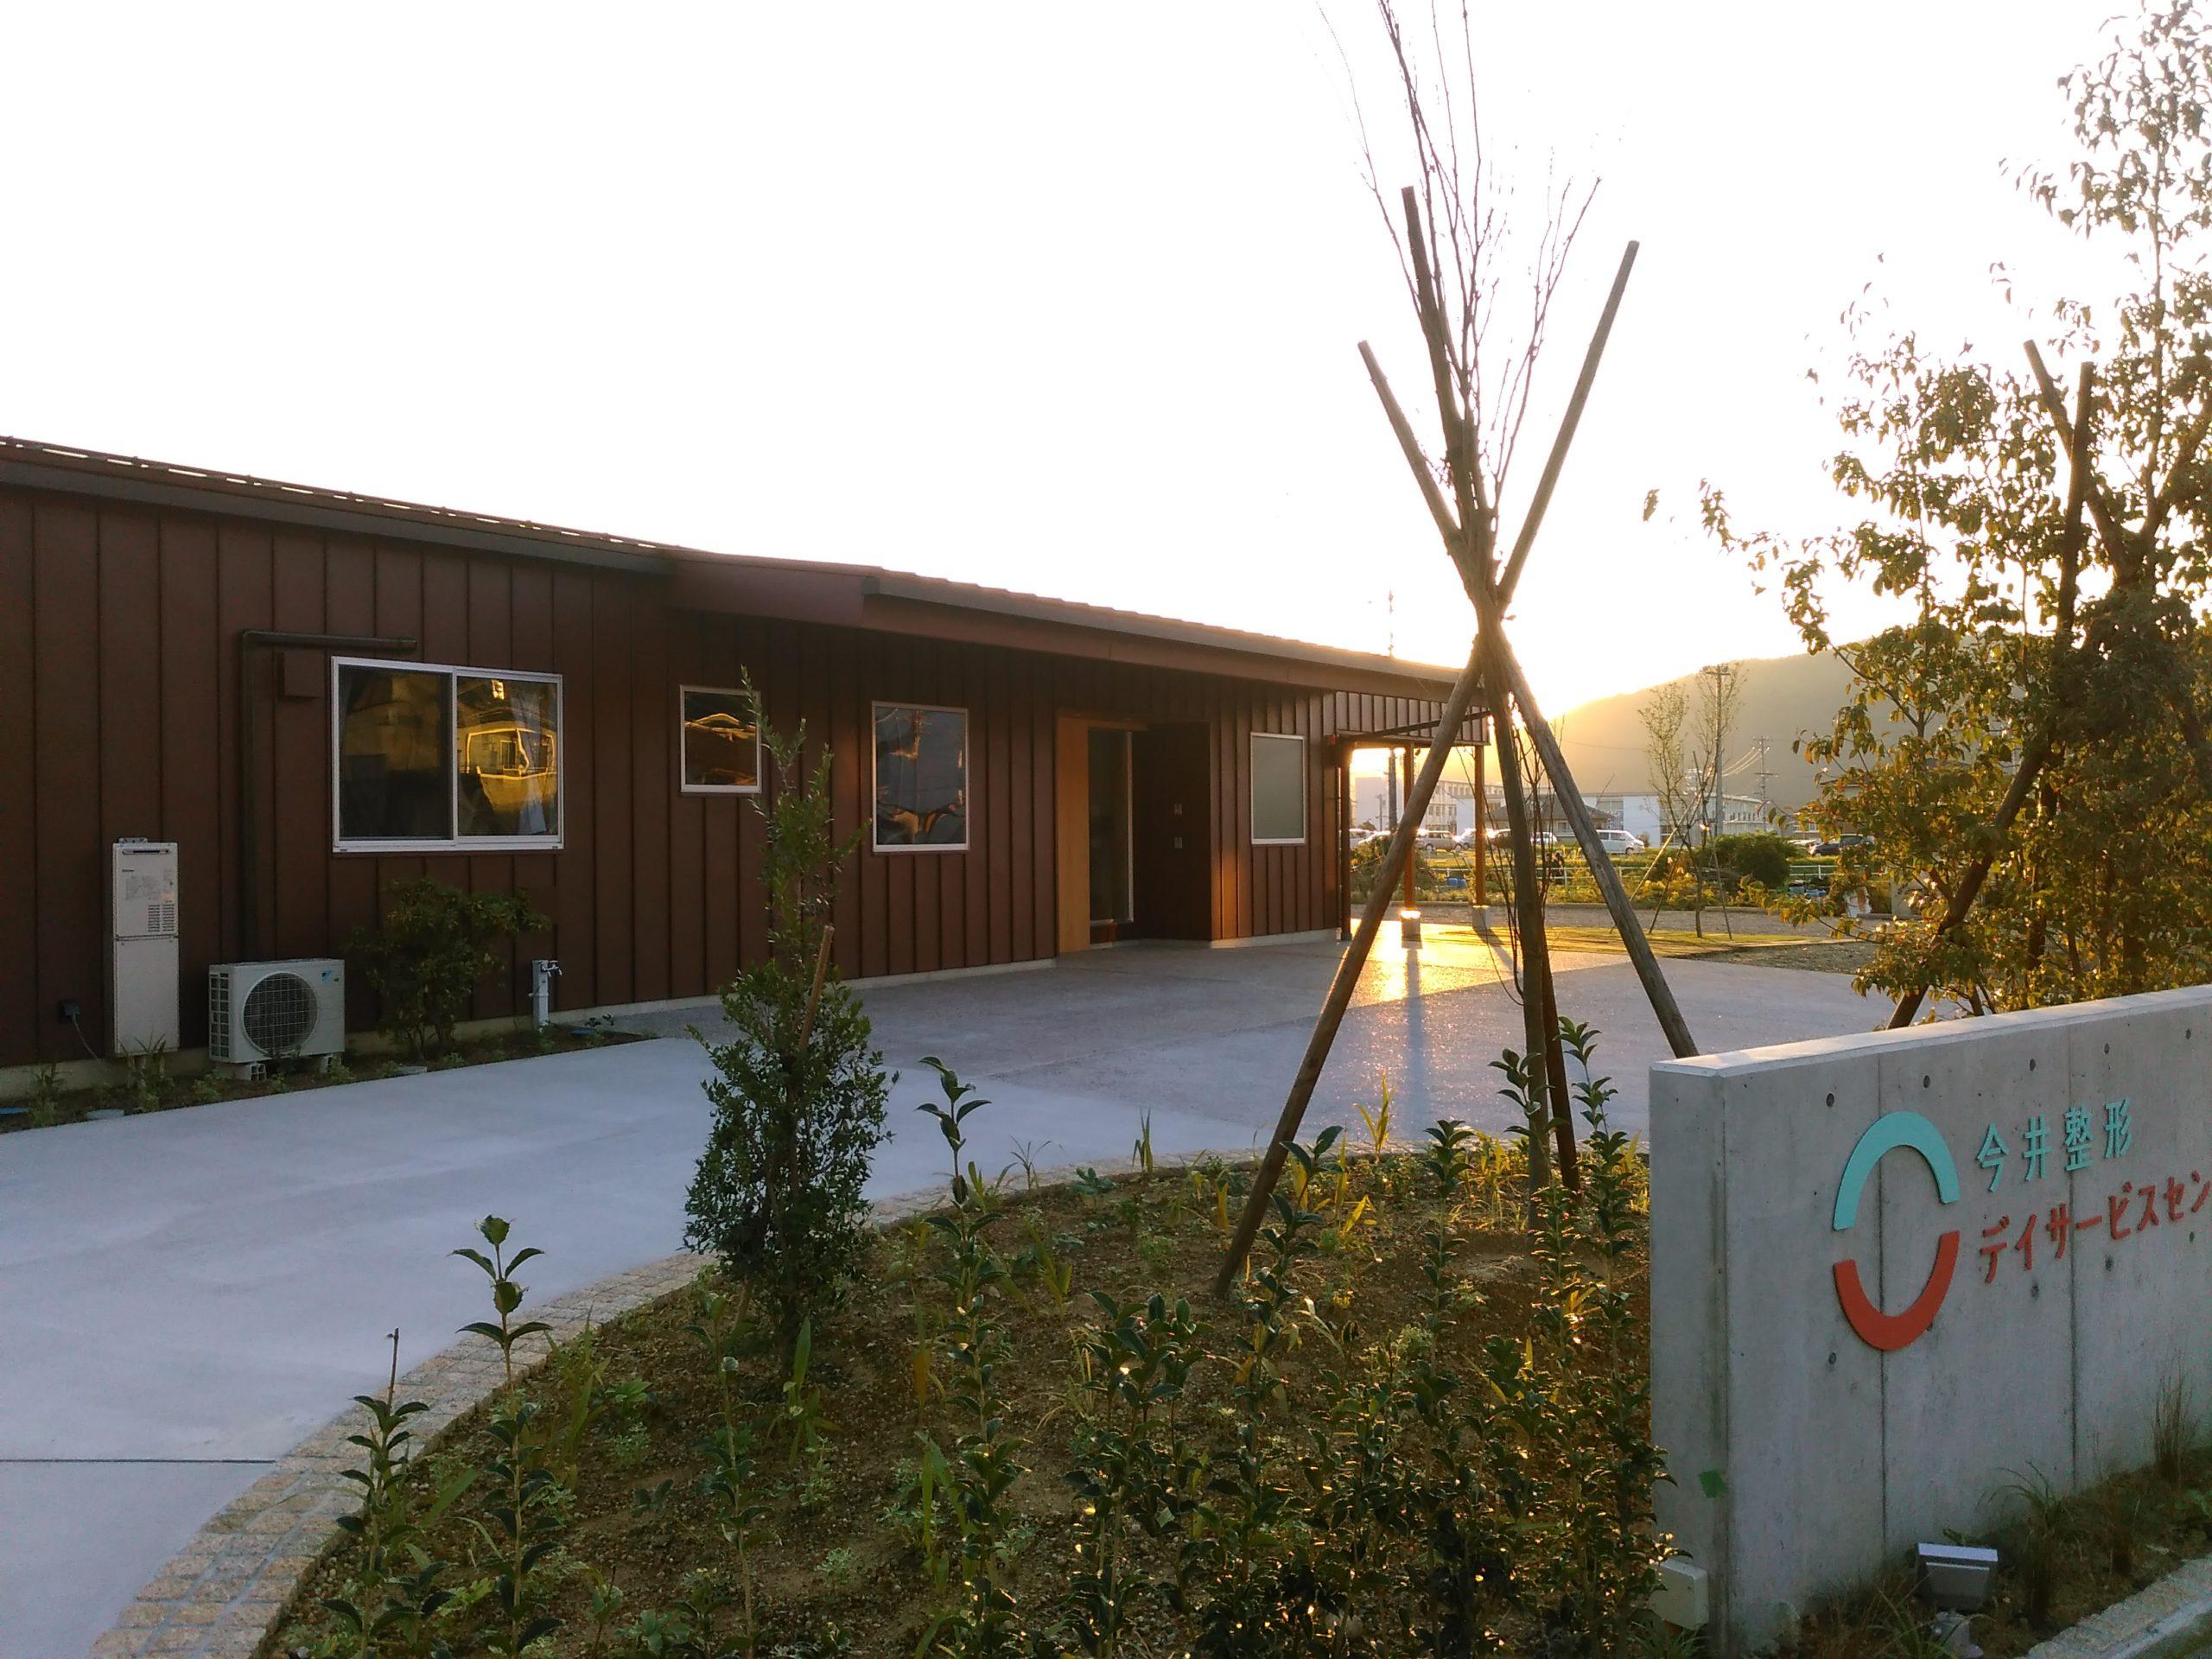 IMAI DAYSERVICE CENTER